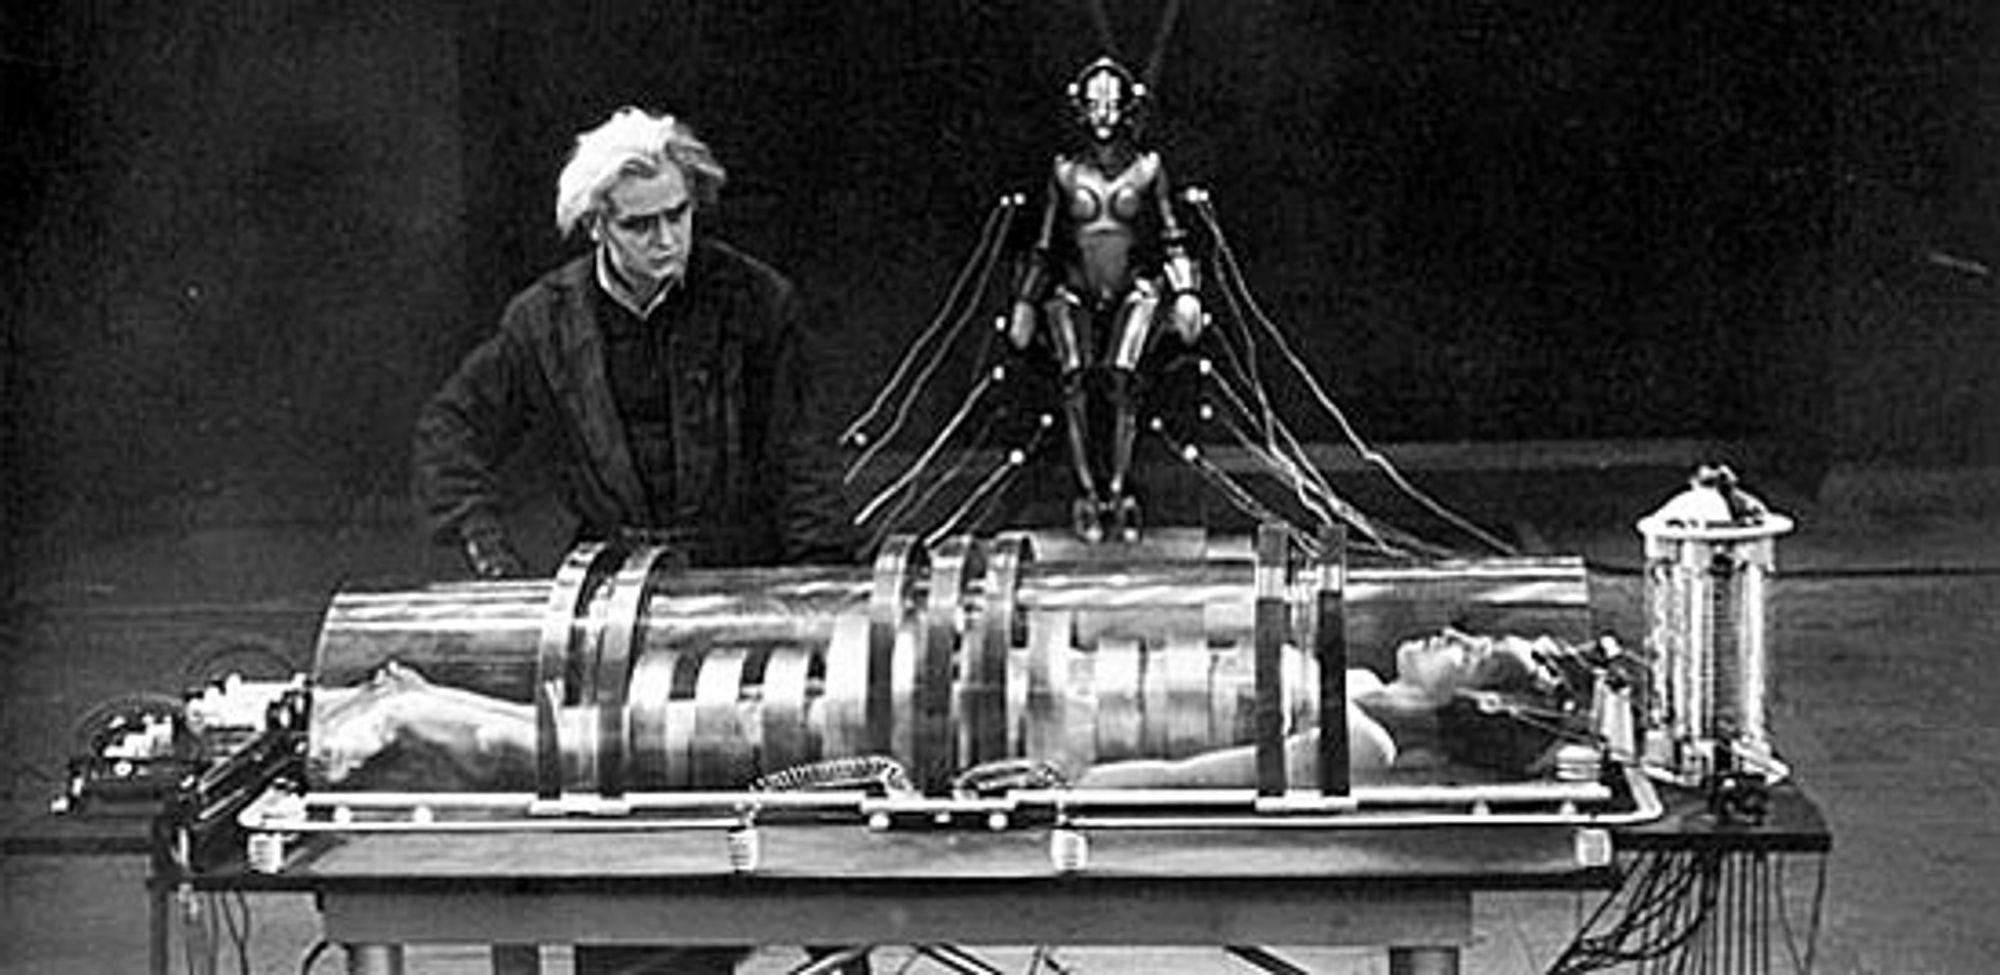 Slik så det ut i Fritz Langs fremtidsvisjon.